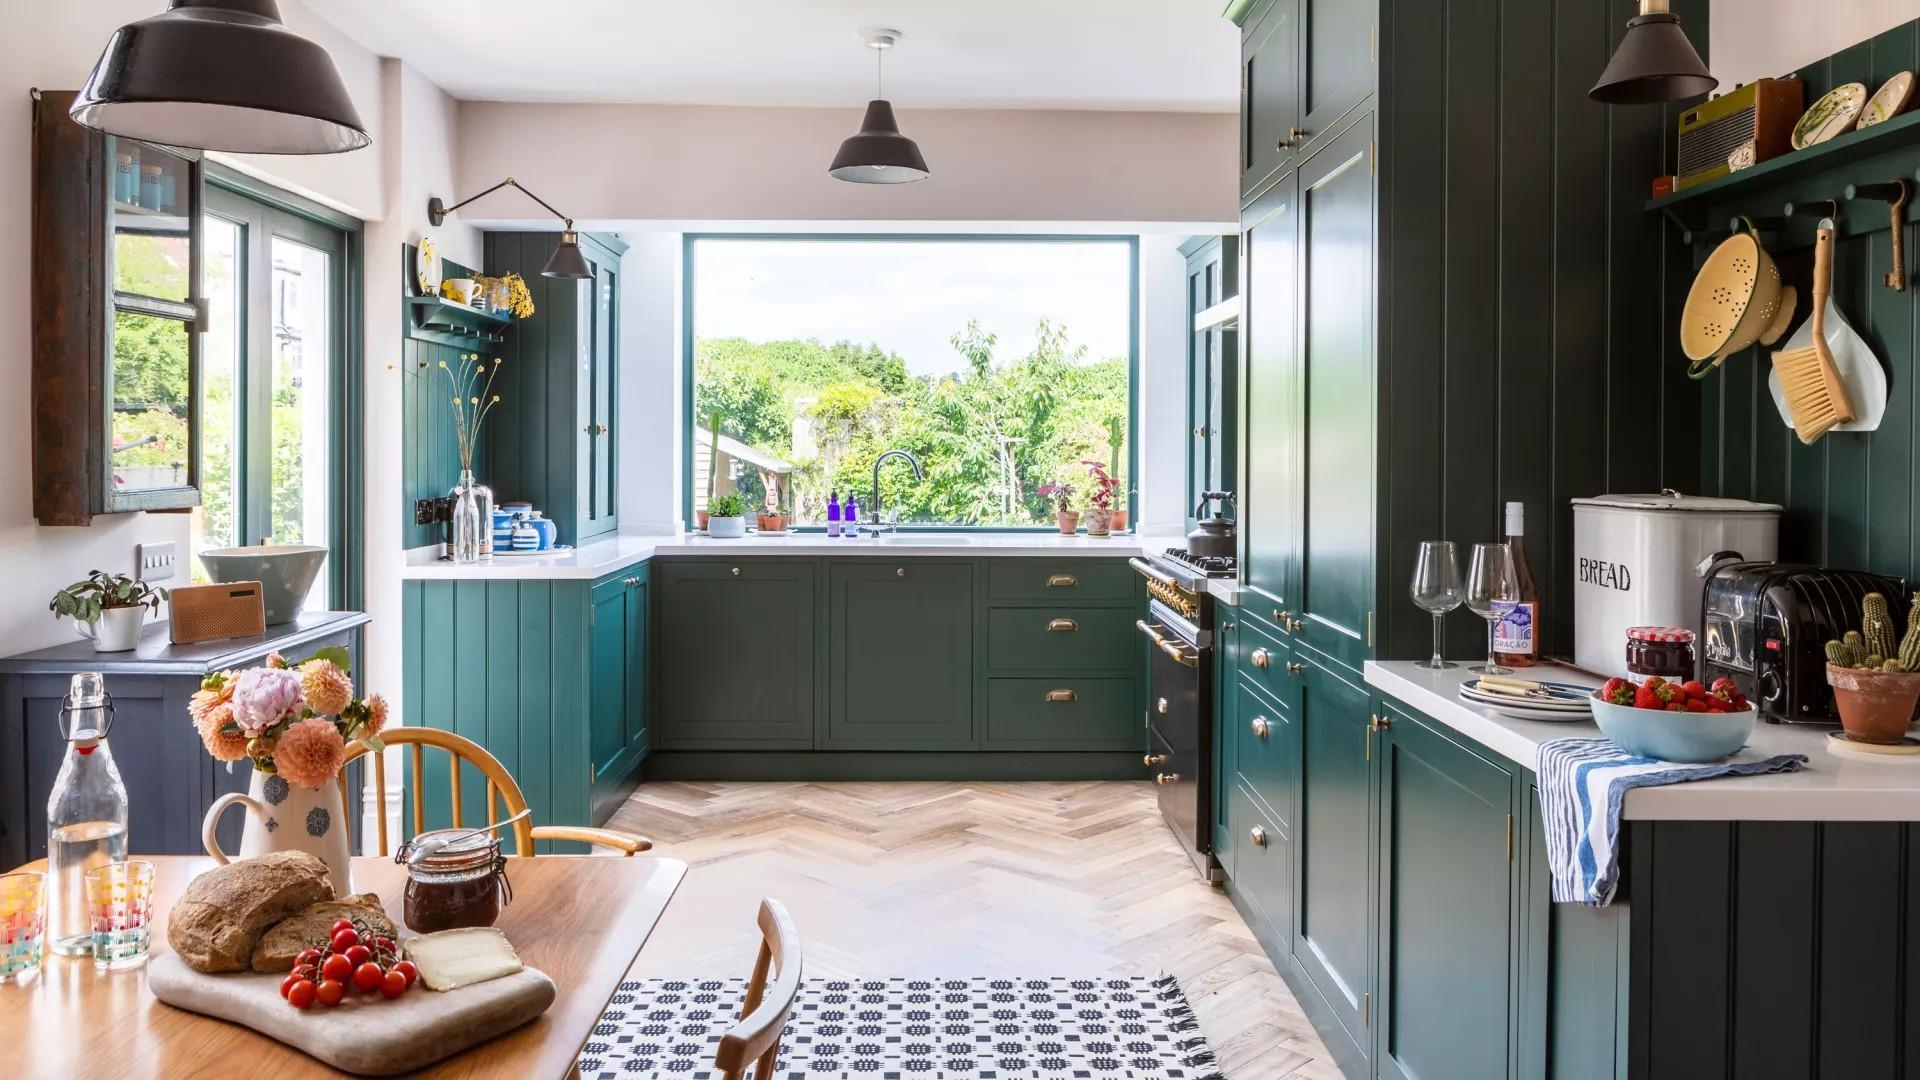 厨房配色方案:15个大胆的色彩创意打造个性的时尚空间